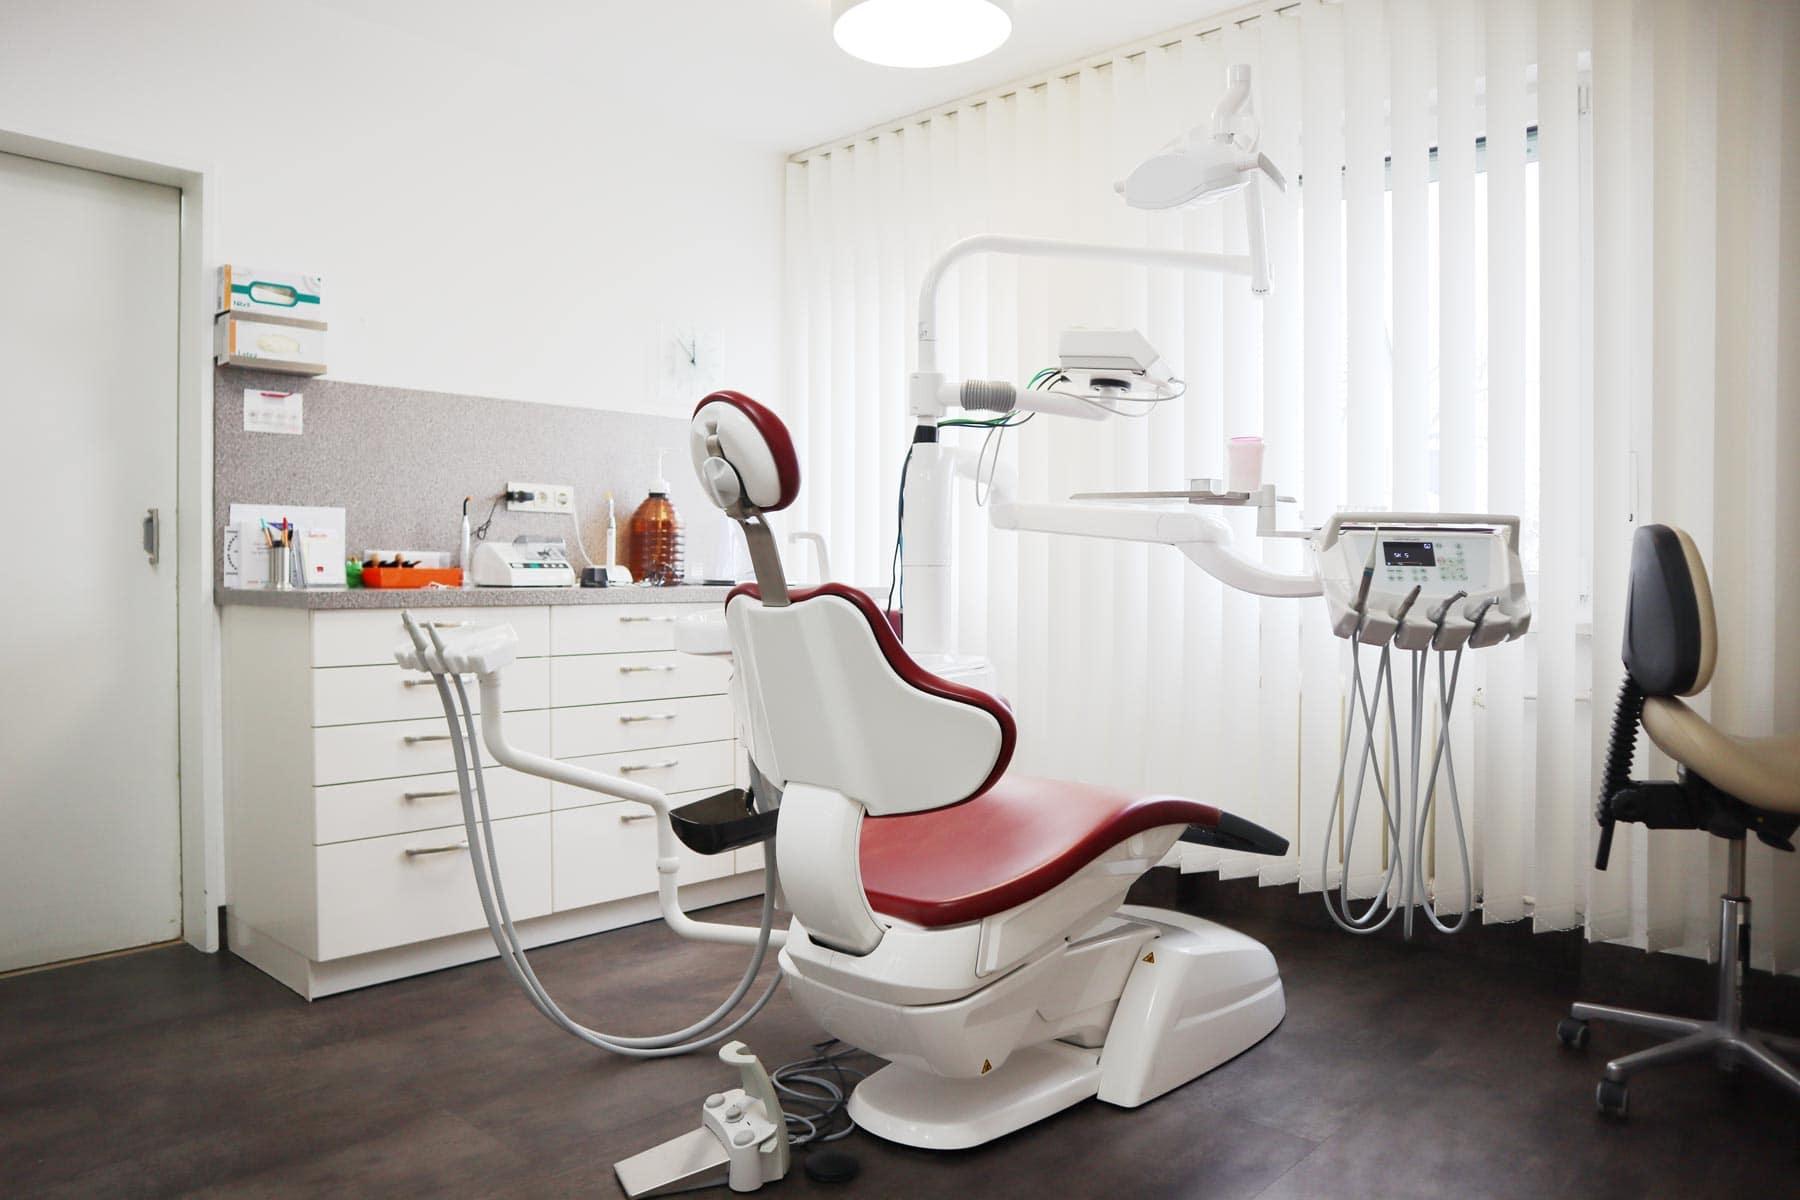 Zahnarzt Nelson Cartagena Behandlungszimmer Totale